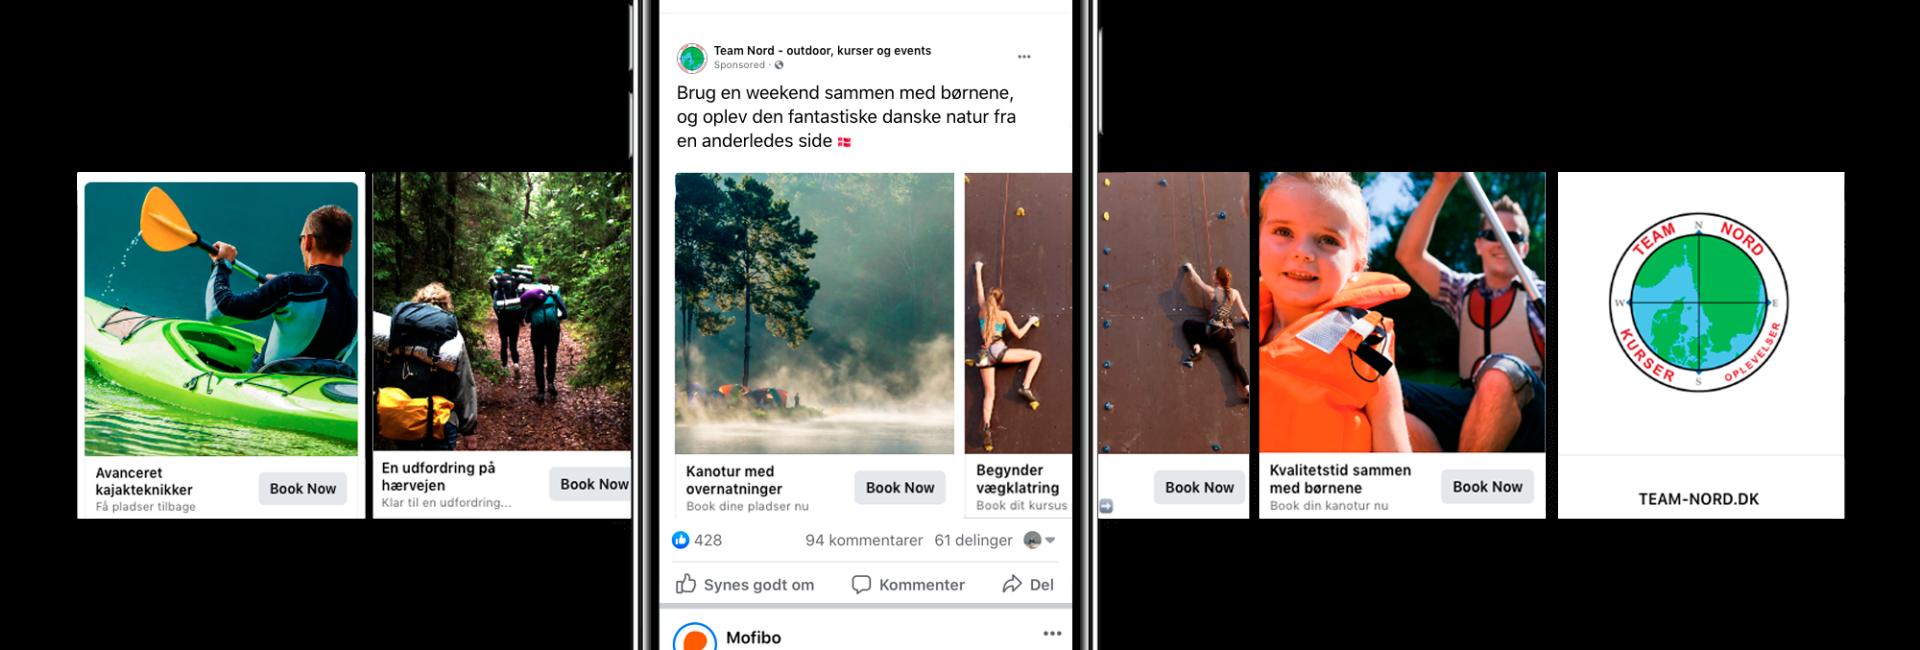 https://onlinerelation.dk/wp-content/uploads/2020/10/gode-facebook-reklamer-1920x650.png